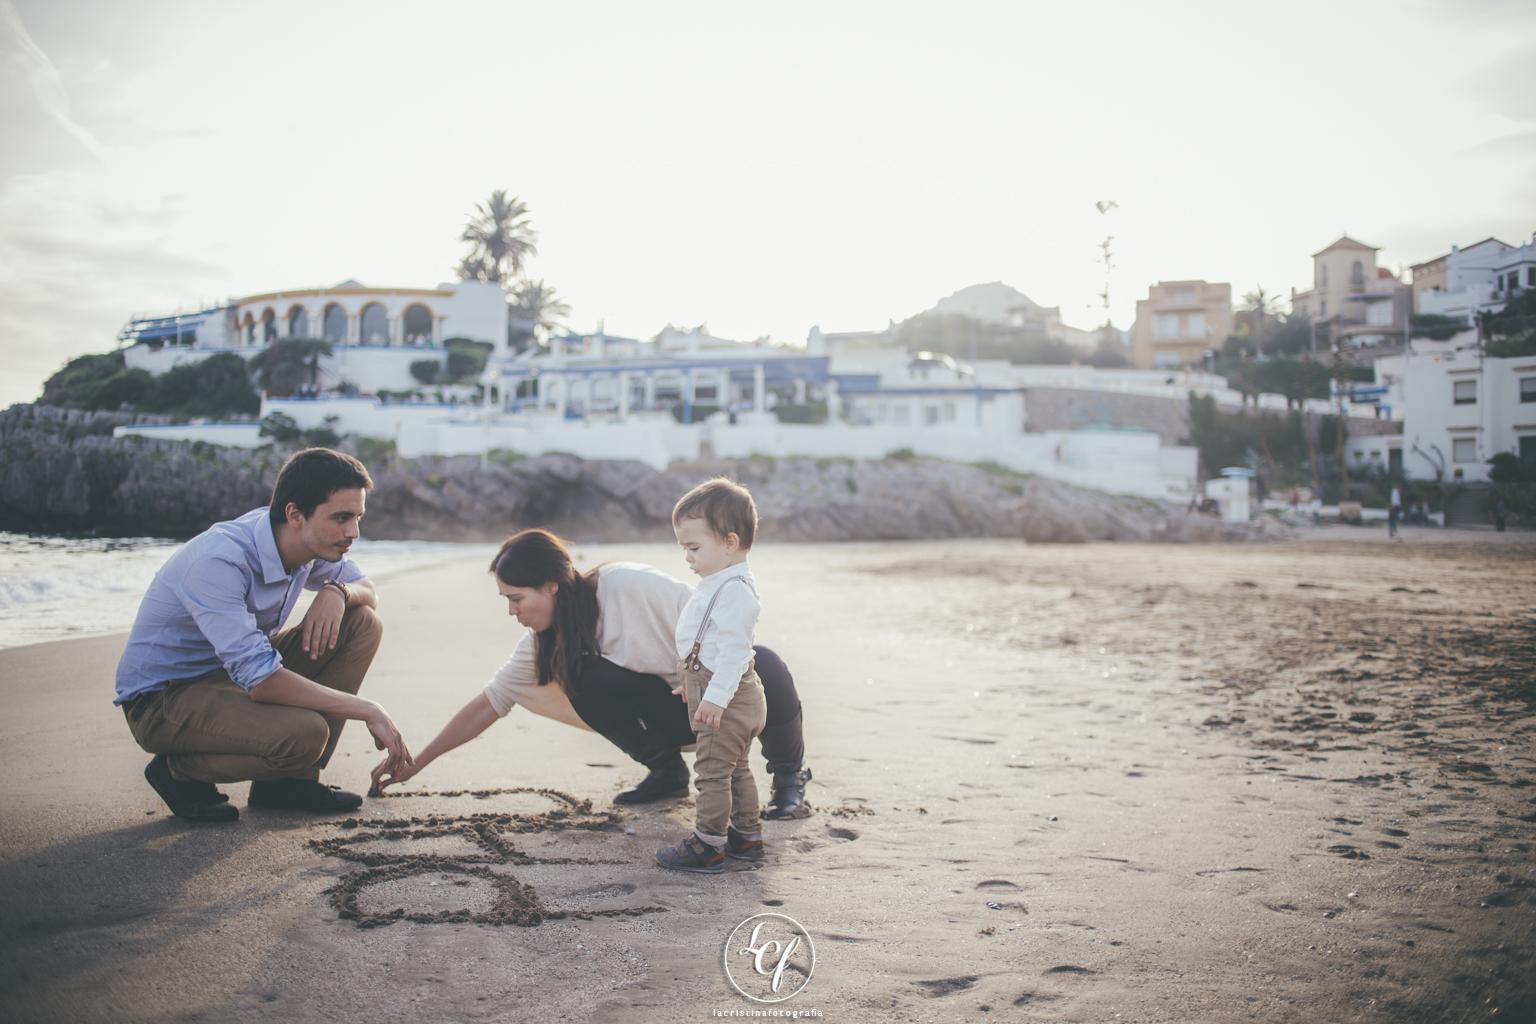 fotógrafo de familia :: fotógrafo les casetes del grarraf :: fotógrafo sitges :: fotografia de familia natural